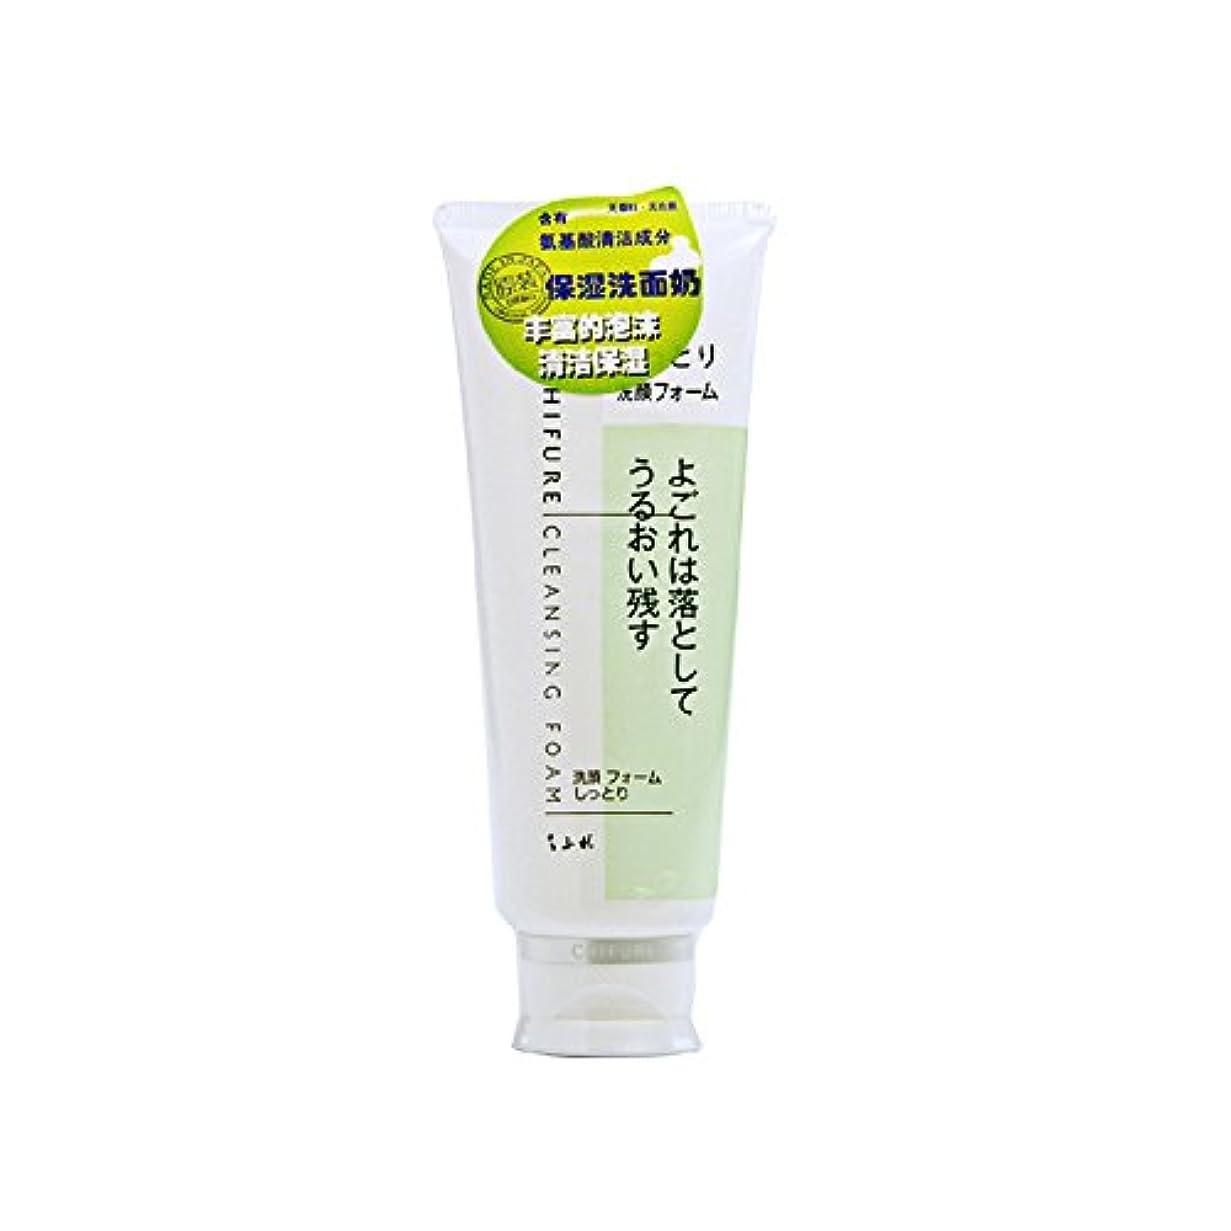 精査する濃度間違いなくちふれ化粧品 洗顔フォームしっとり 150g 150G